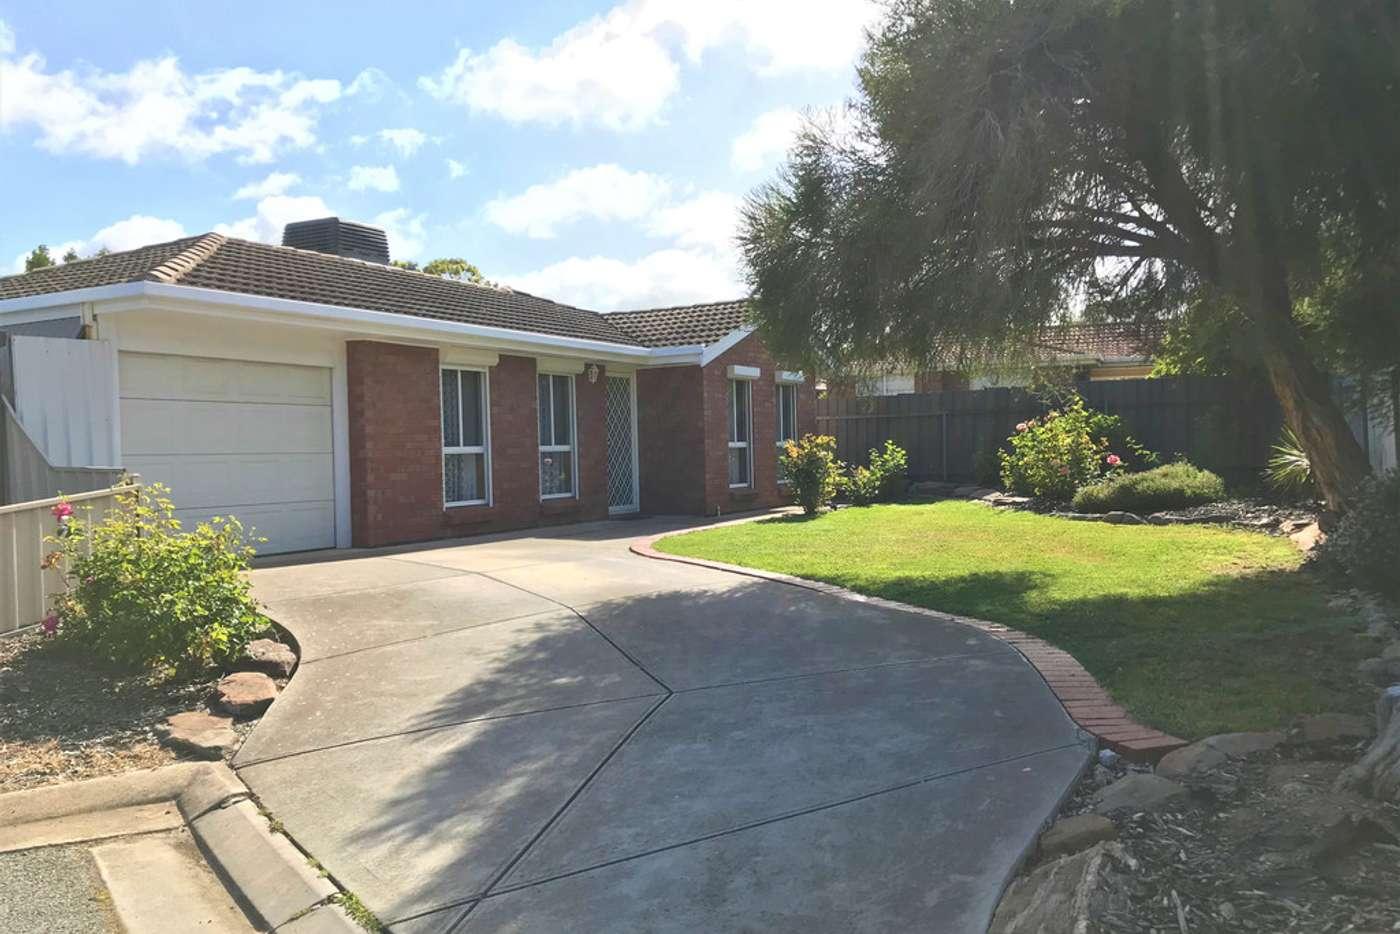 Main view of Homely house listing, 9 WINDSOR COURT, Morphett Vale SA 5162